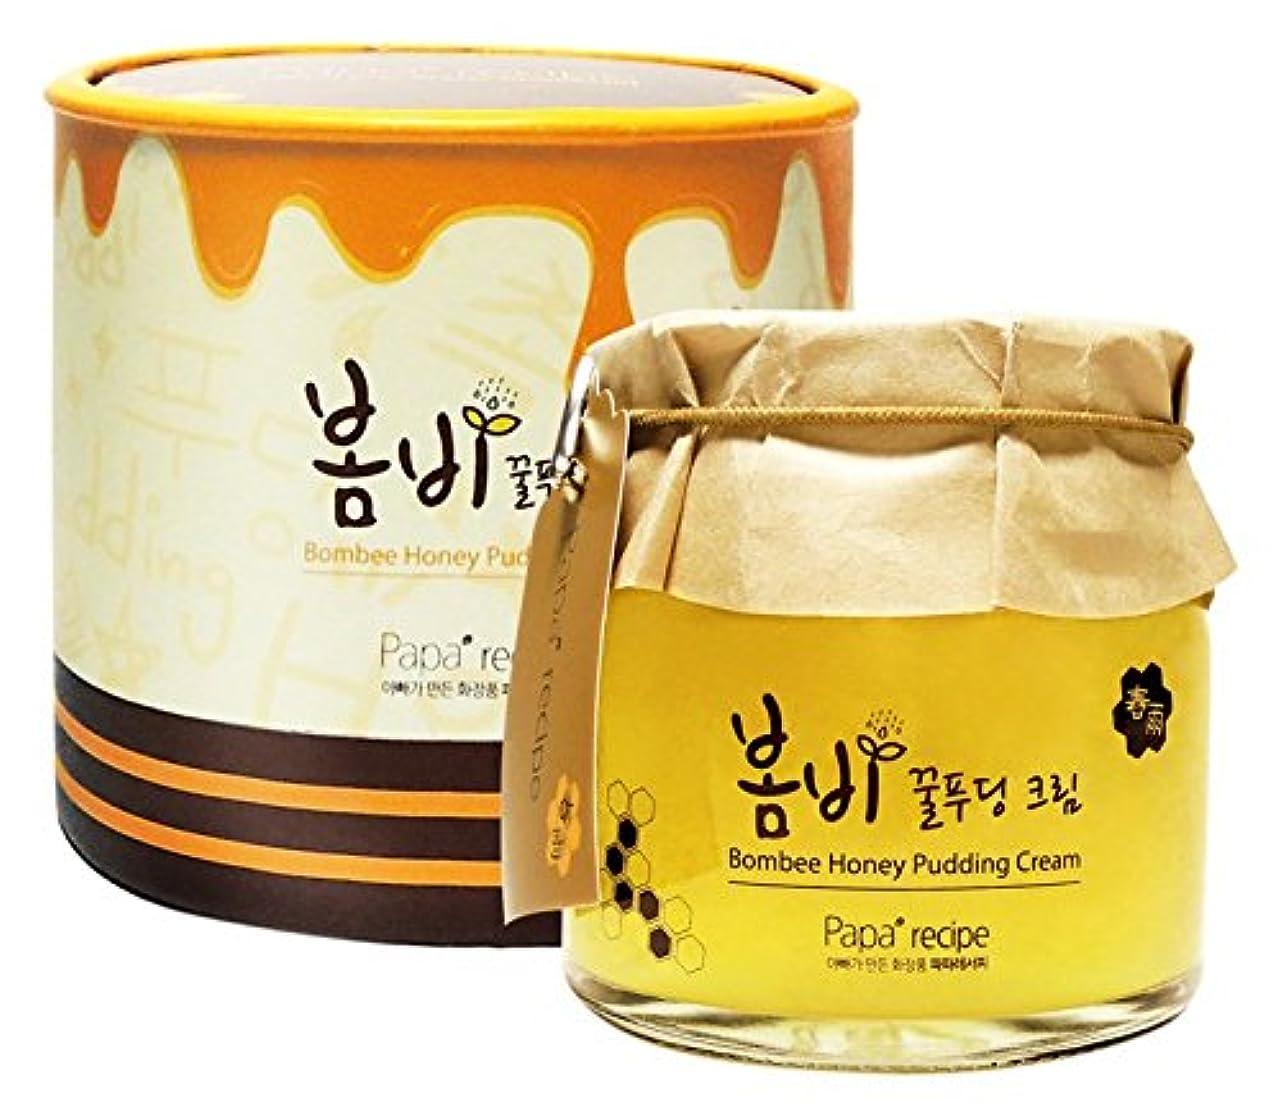 背骨居心地の良い口ひげPapa recipe Bombee Honey Pudding Cream 135ml/パパレシピ ボムビー ハニー プリン クリーム 135ml